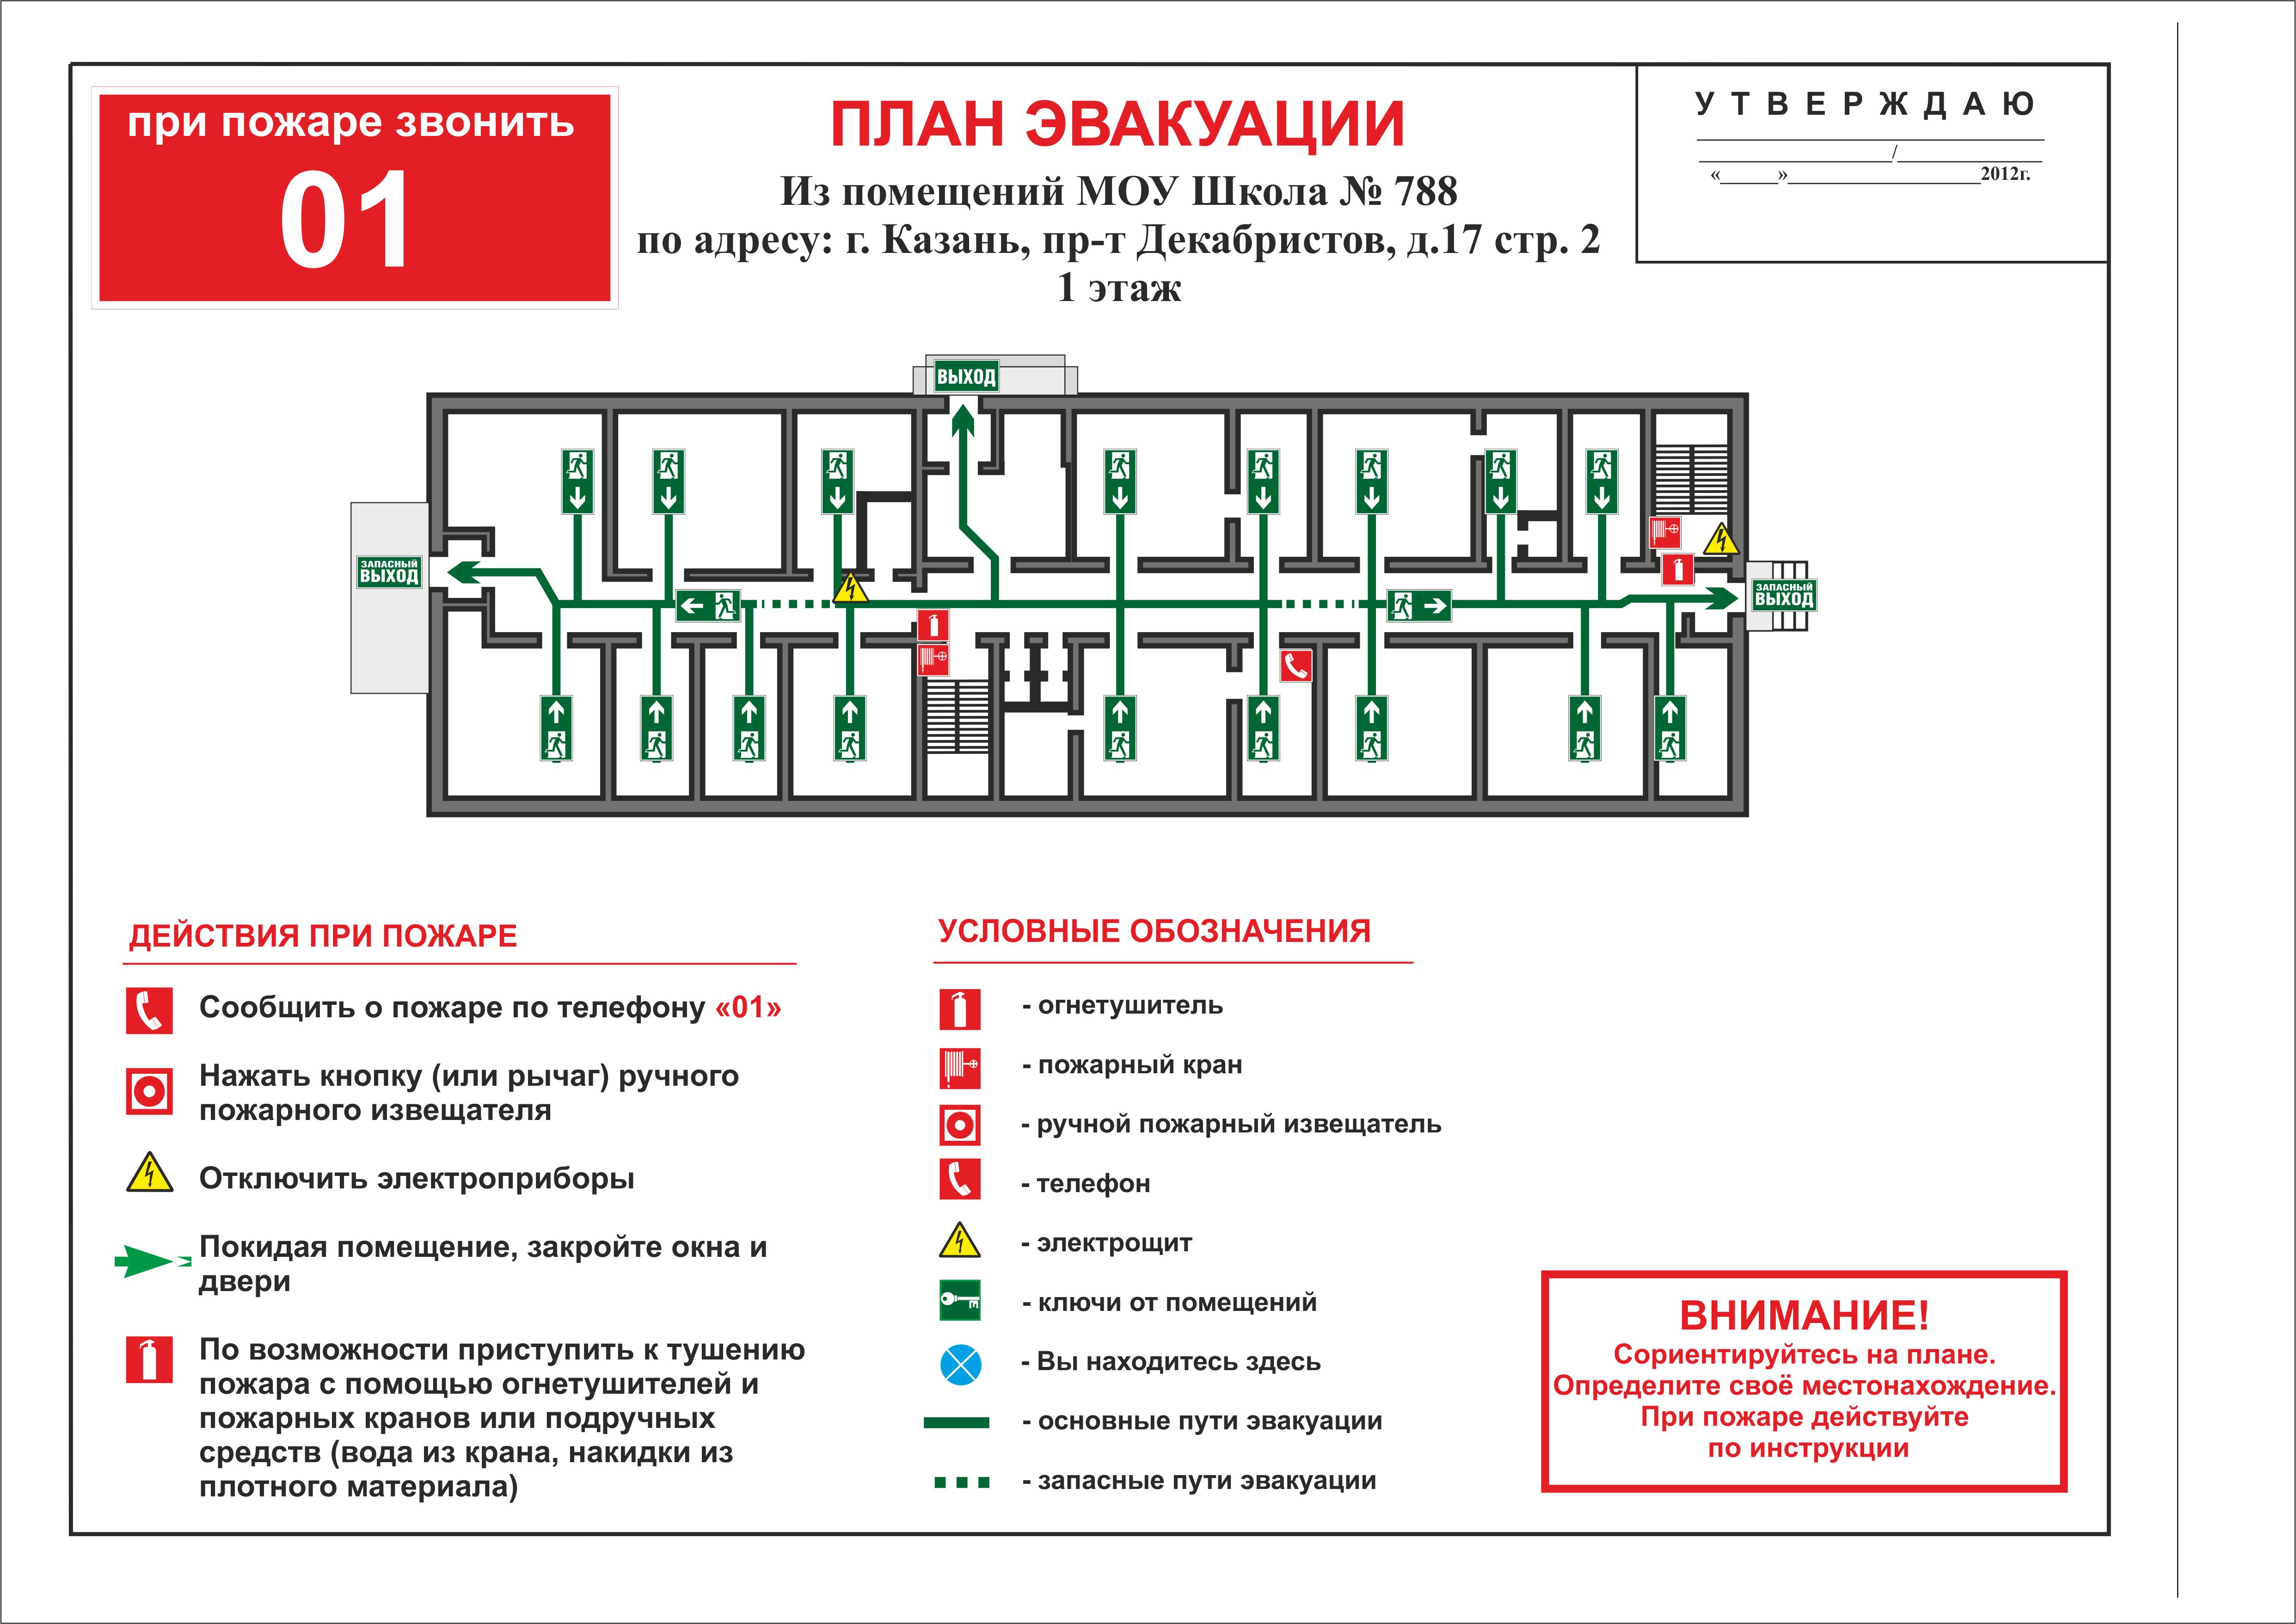 планы эвакуации и документы